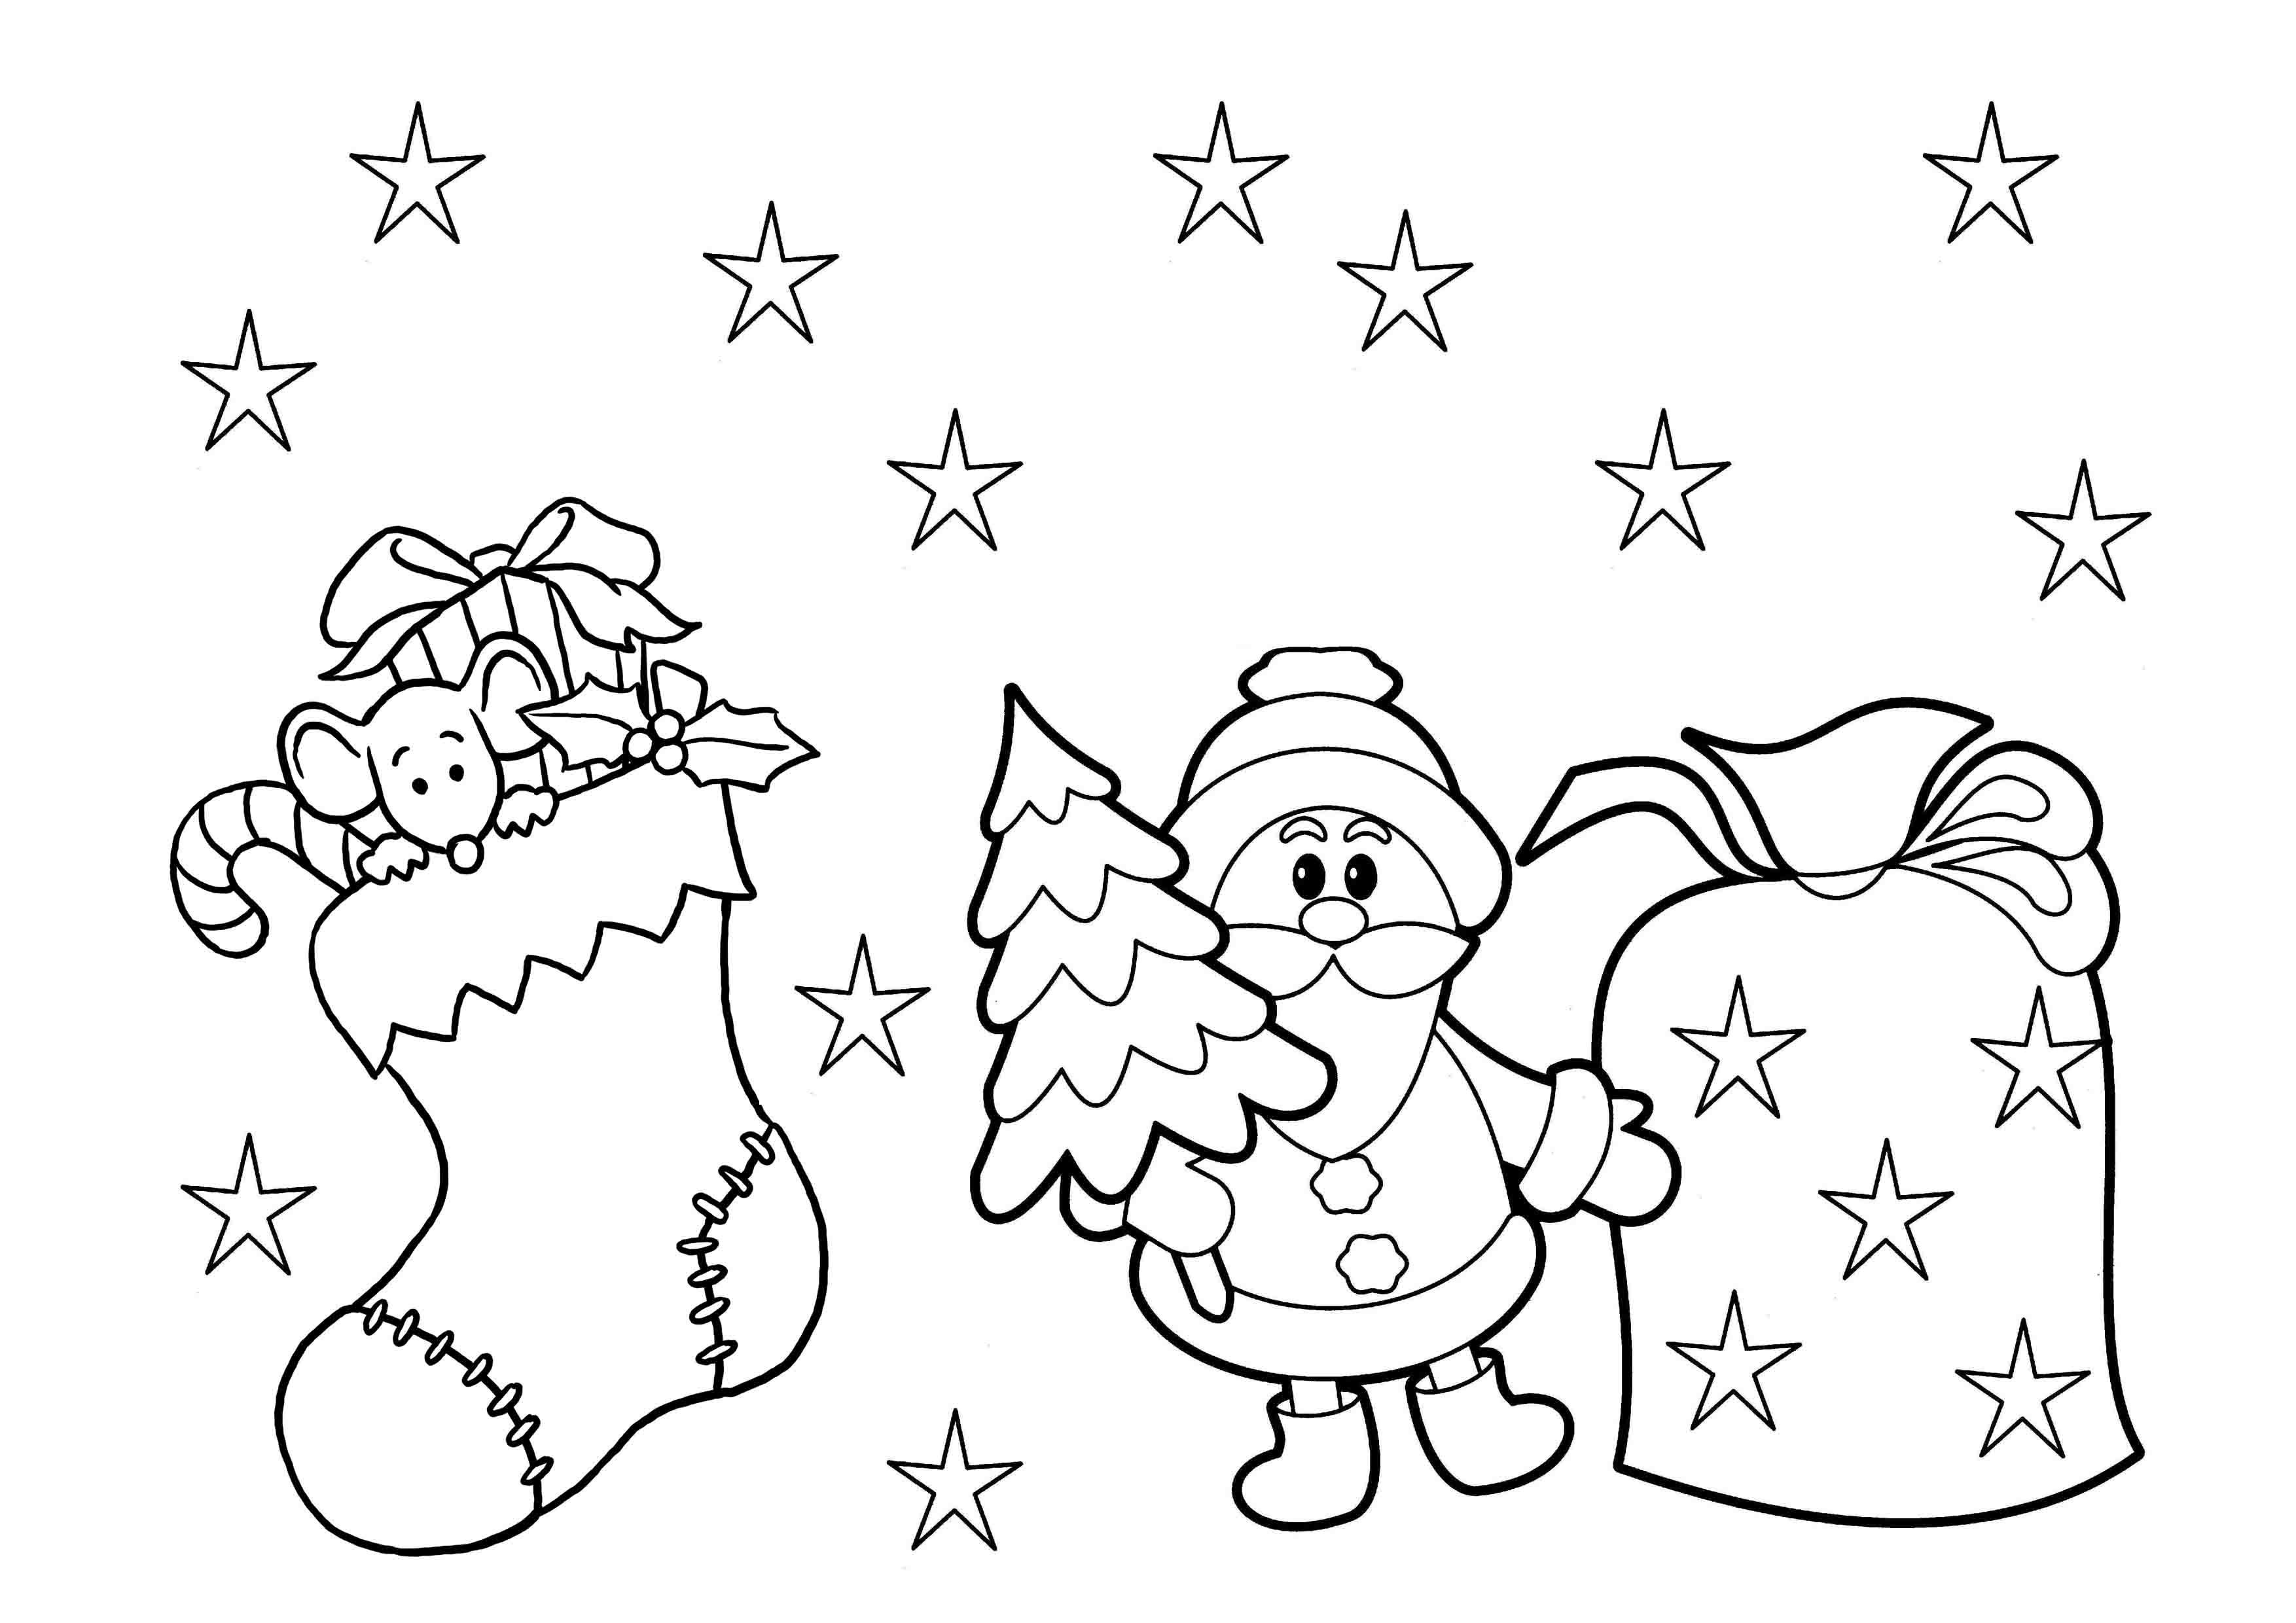 Print & Download - Printable Christmas Coloring Pages For Kids - Free Printable Christmas Coloring Pages